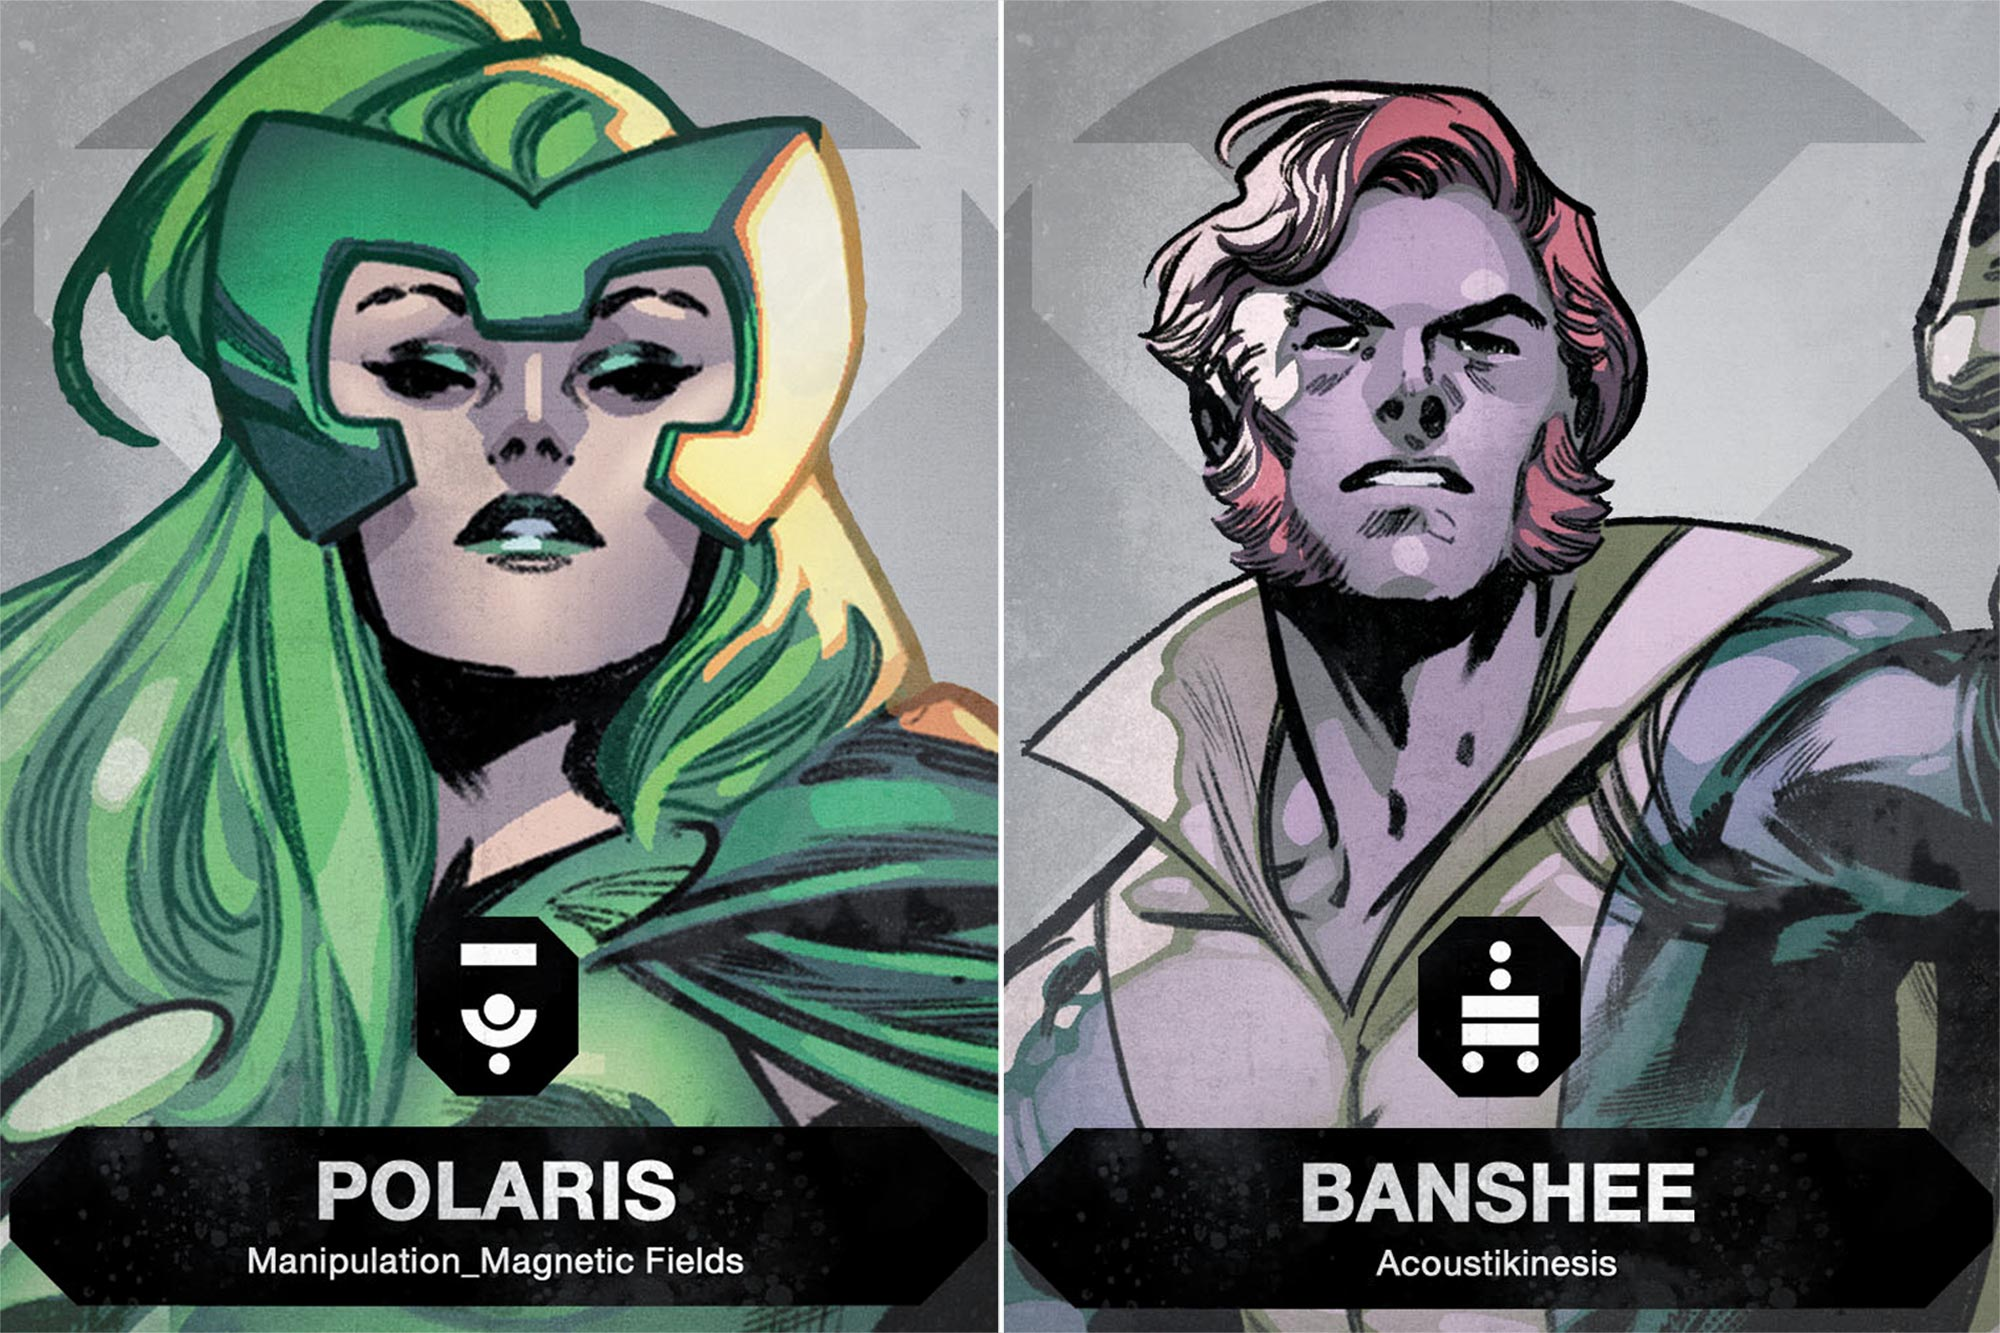 X-Men Vote cards